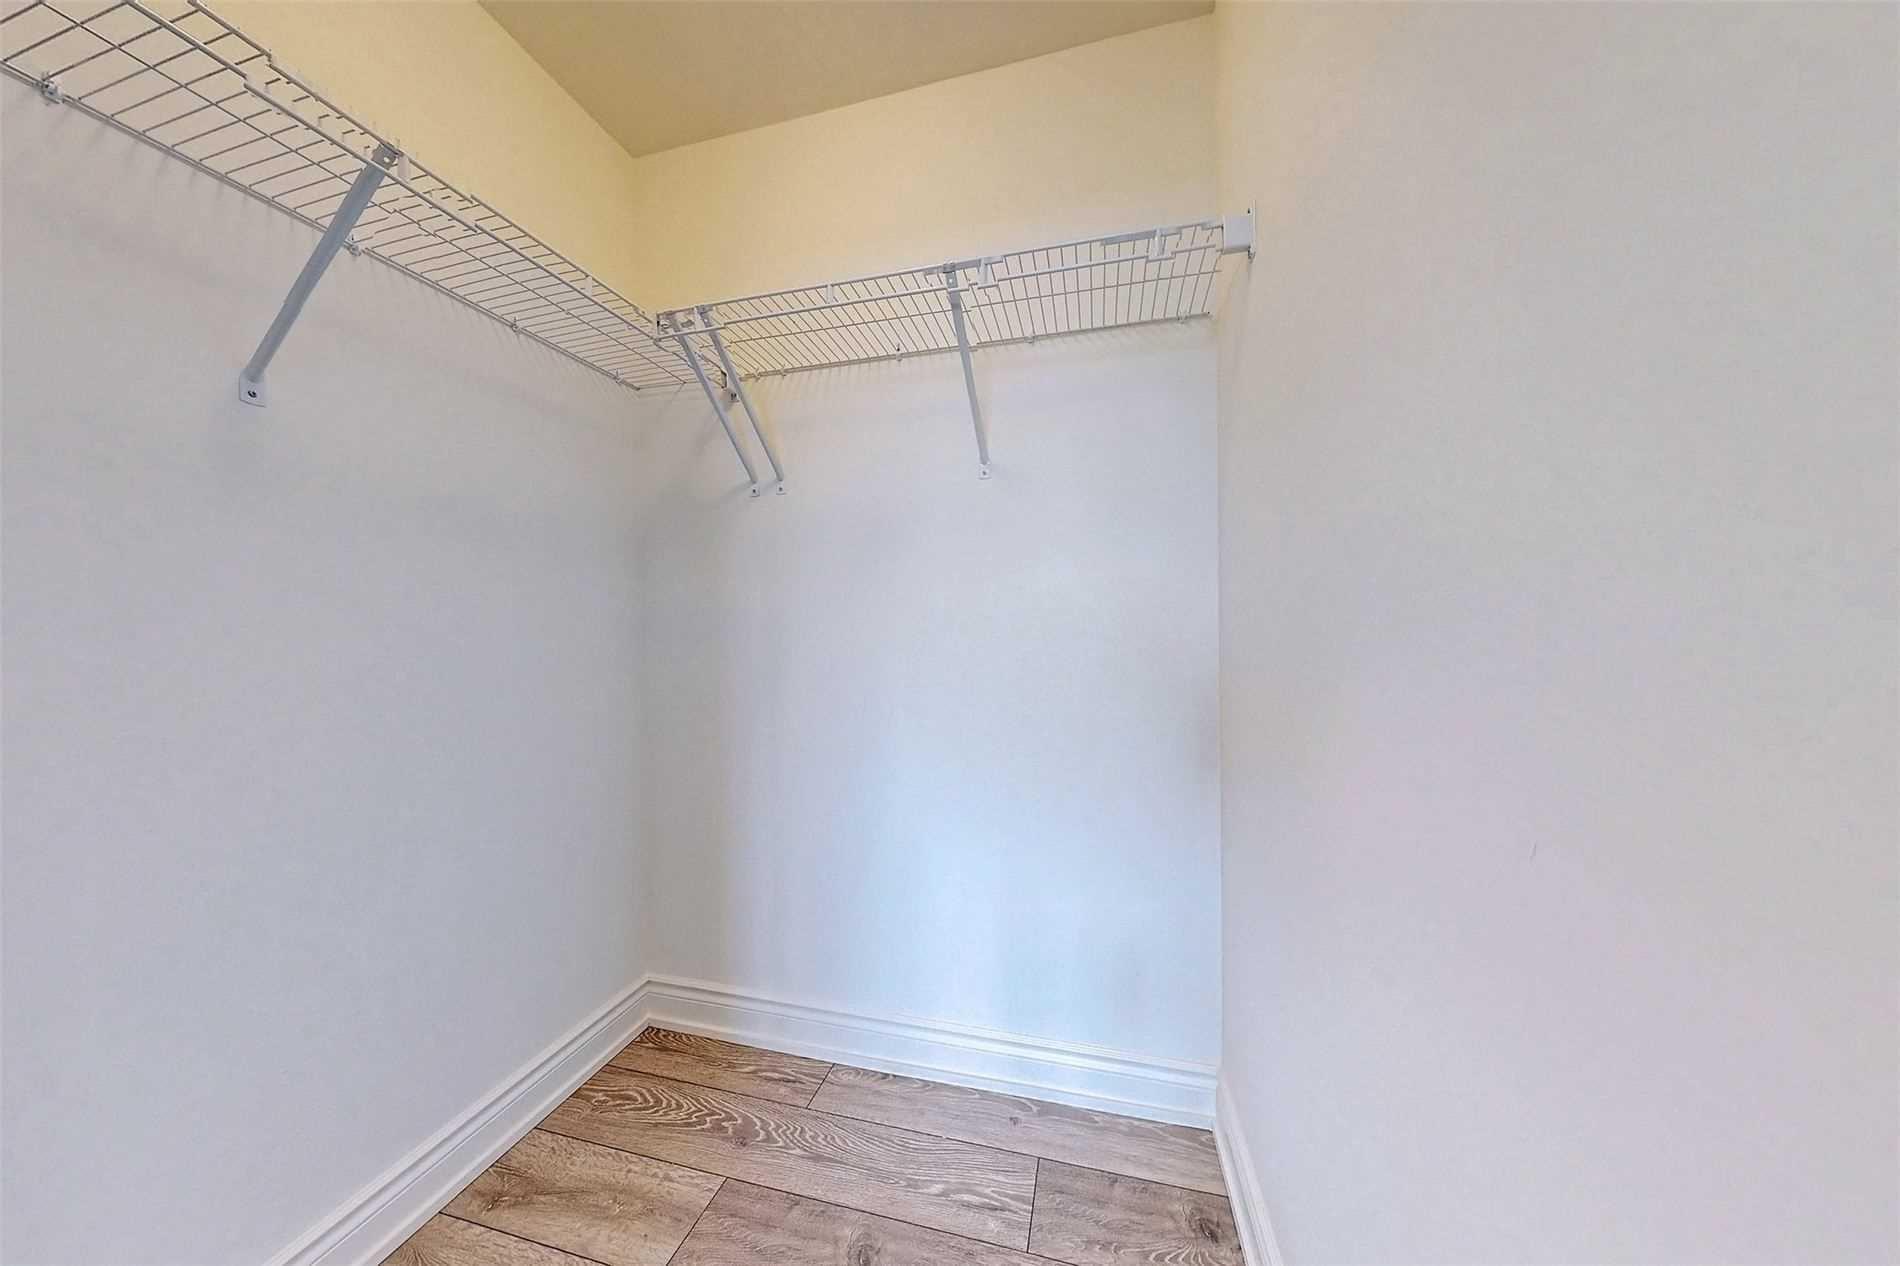 221 - 1050 Main St E - Dempsey Condo Apt for sale, 3 Bedrooms (W5398557) - #22